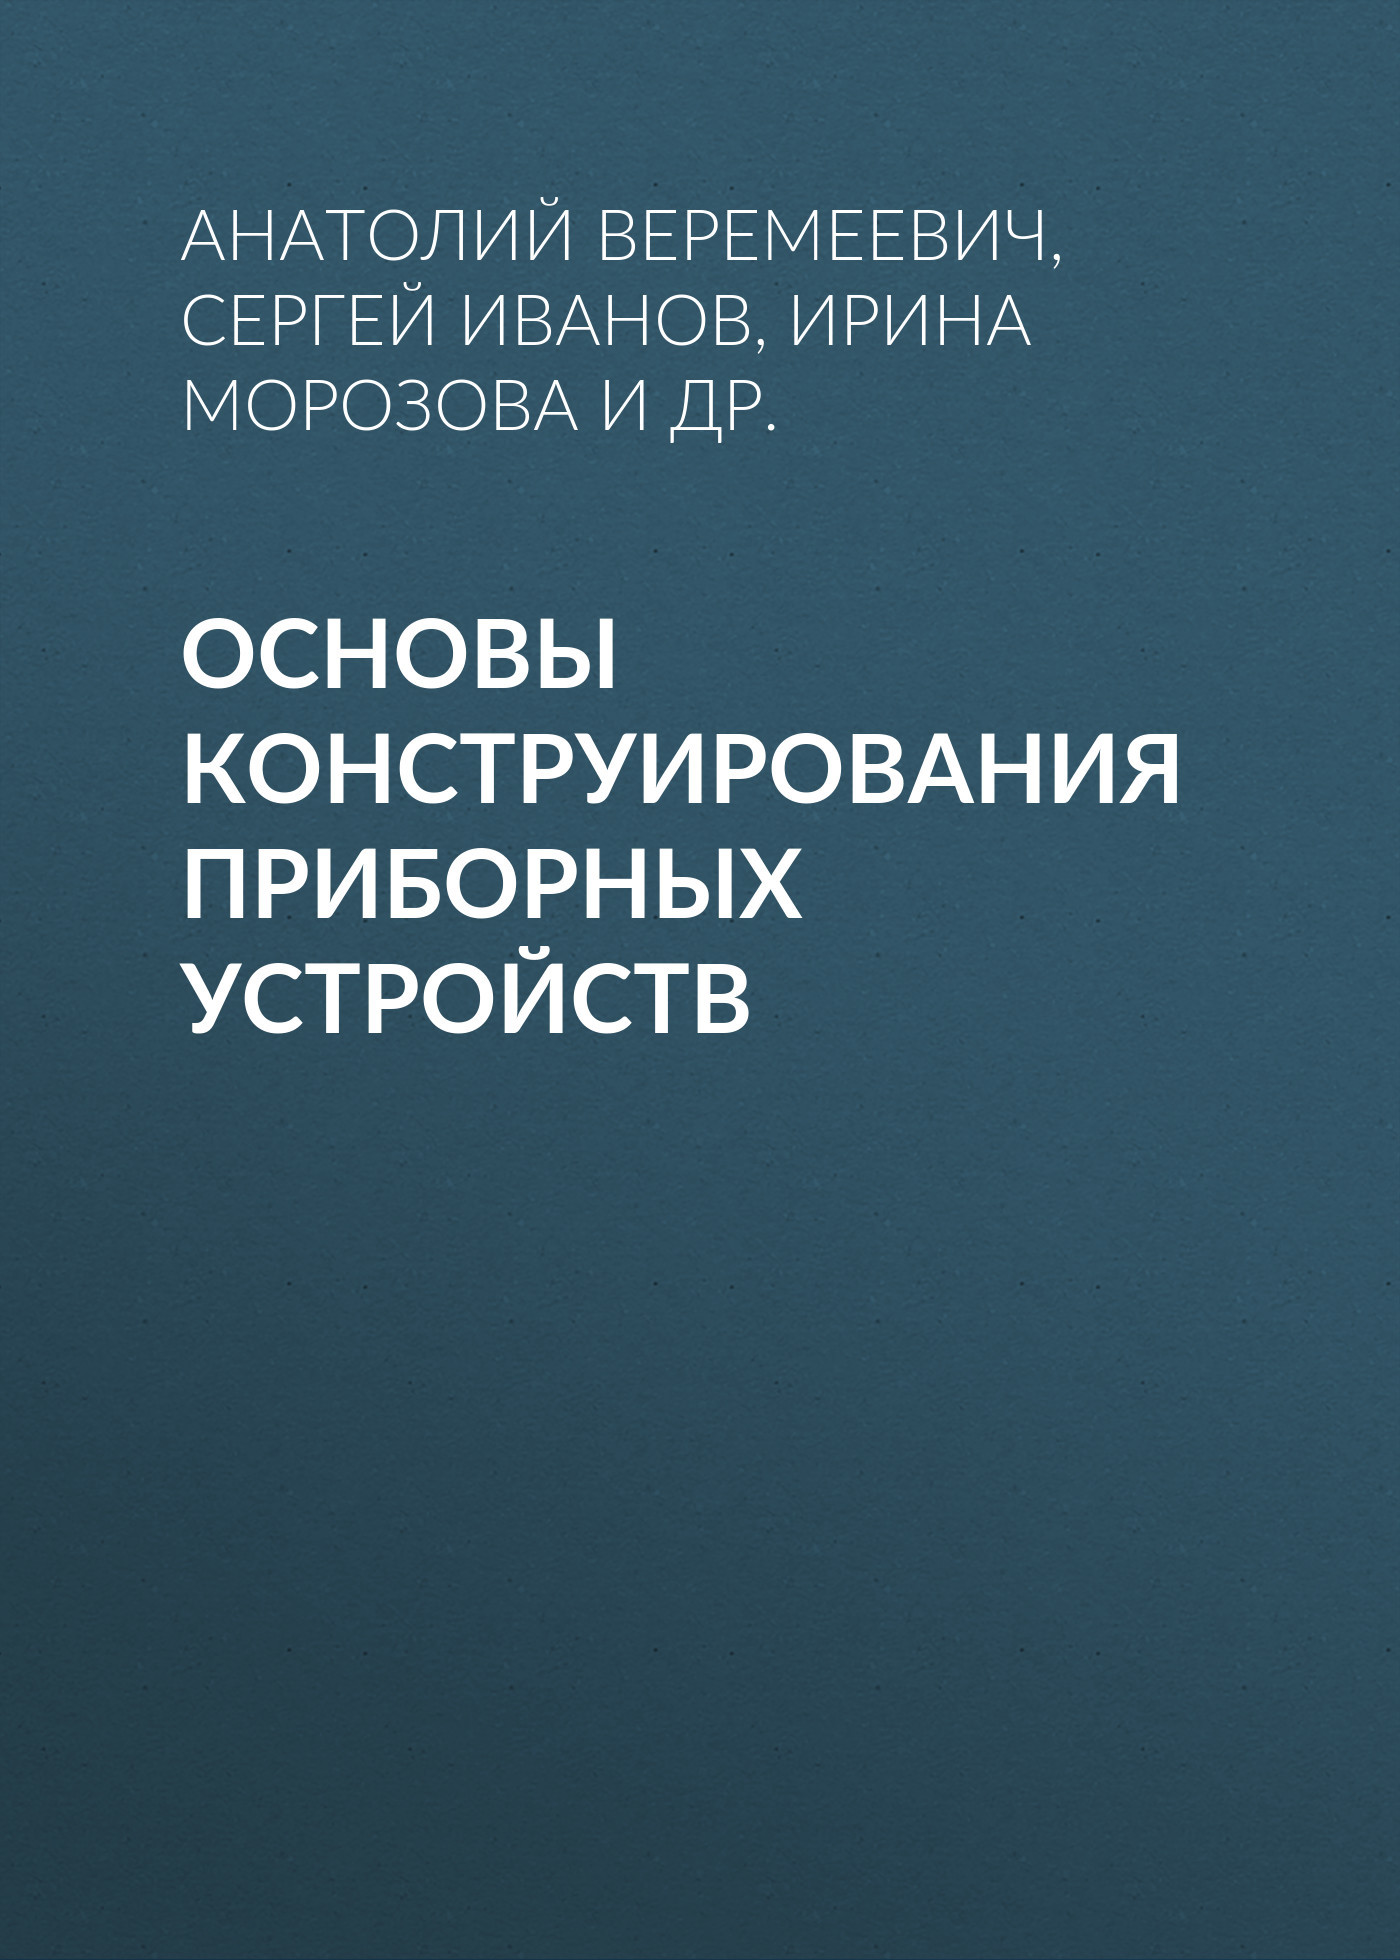 Анатолий Веремеевич Основы конструирования приборных устройств коровин в конец проекта украина